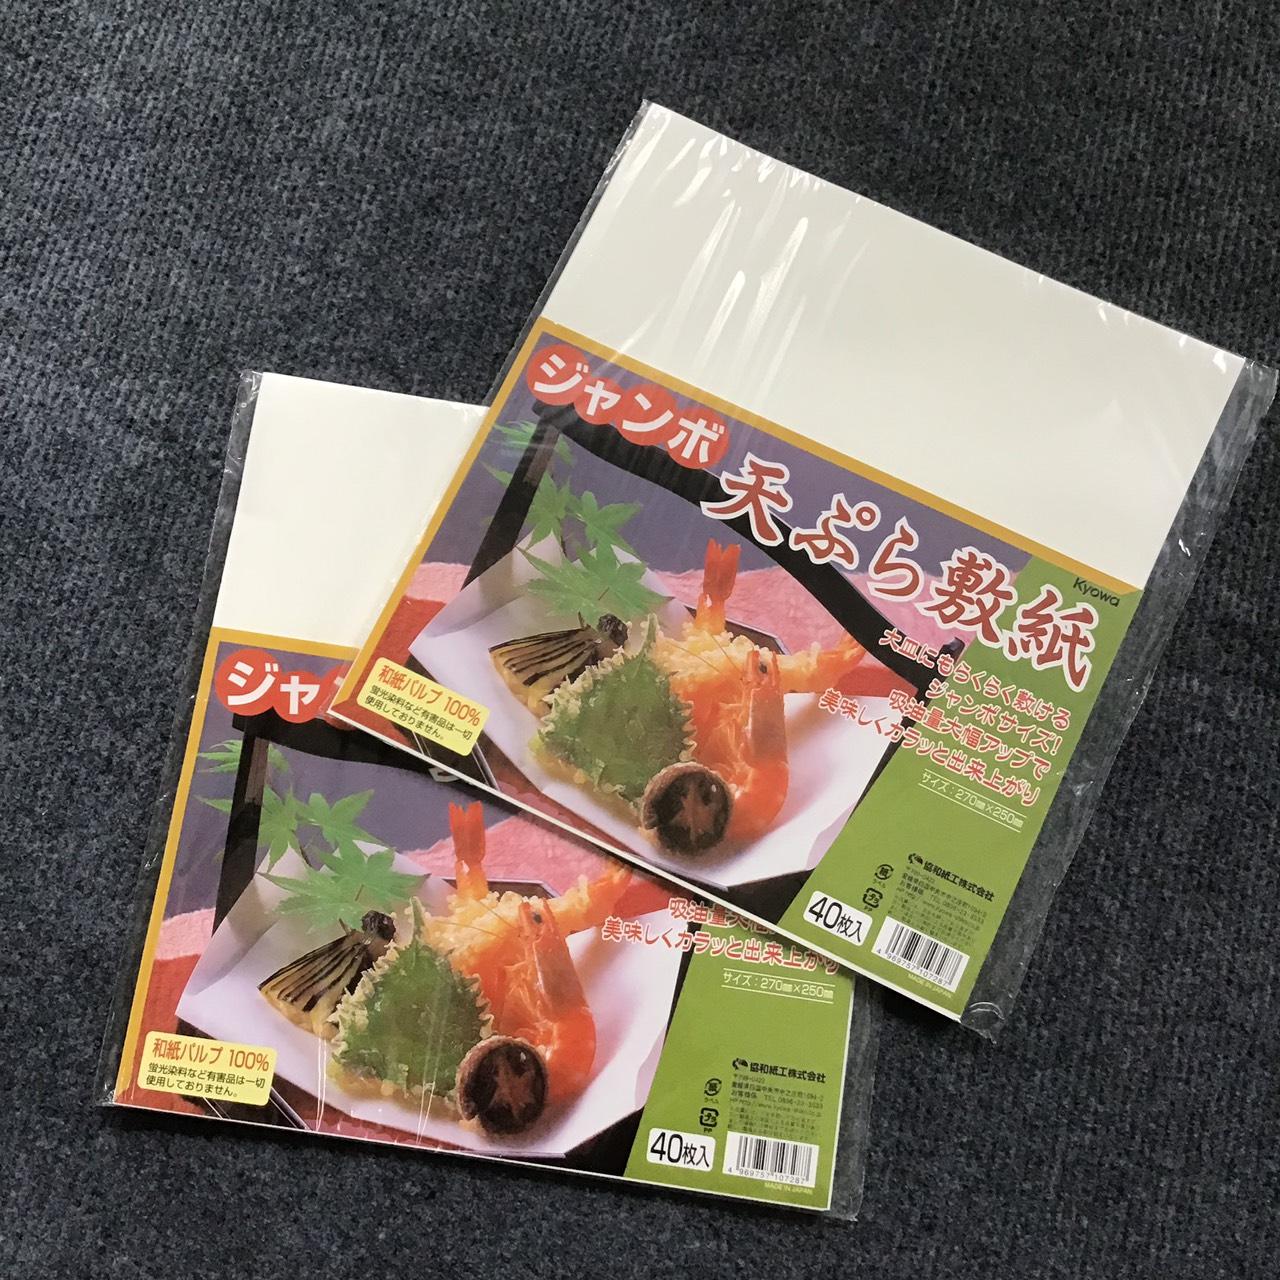 Set 80 tấm giấy thấm hút dầu mỡ các món ăn chiên/rán 25 x 27cm nhập khẩu từ Nhật Bản